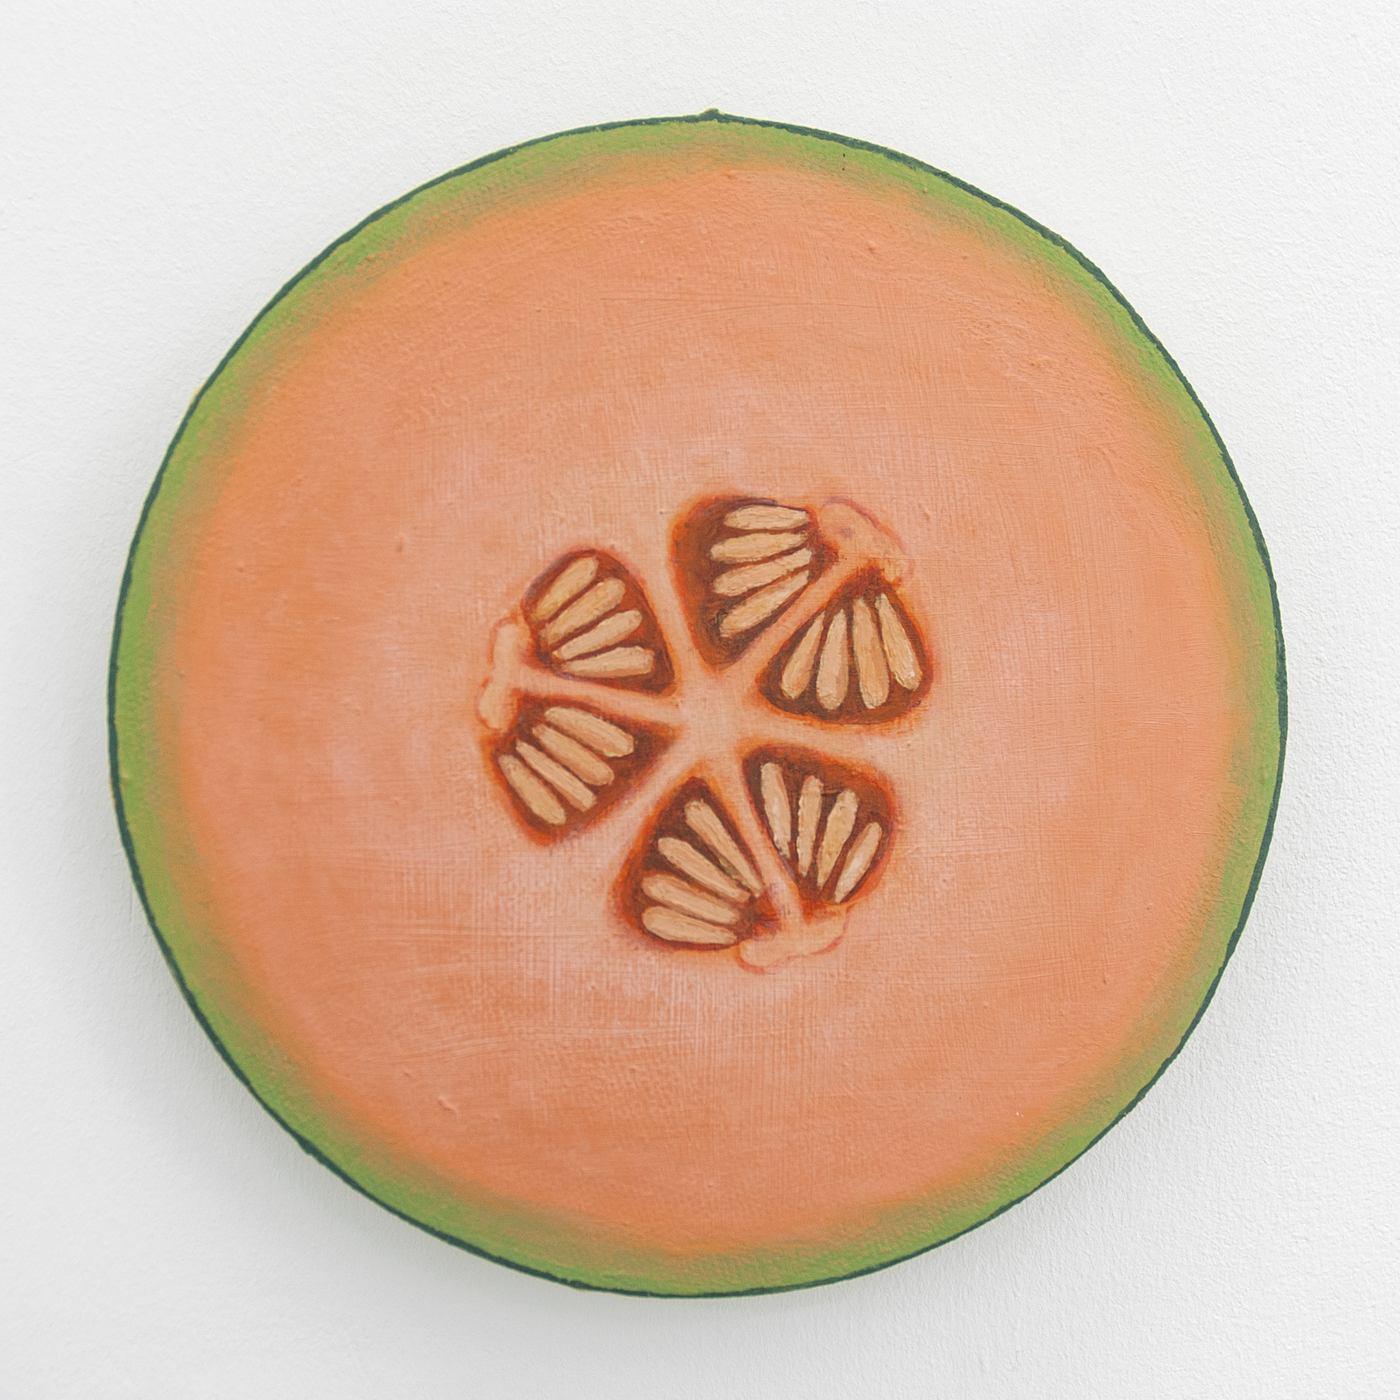 8.Cantaloupe